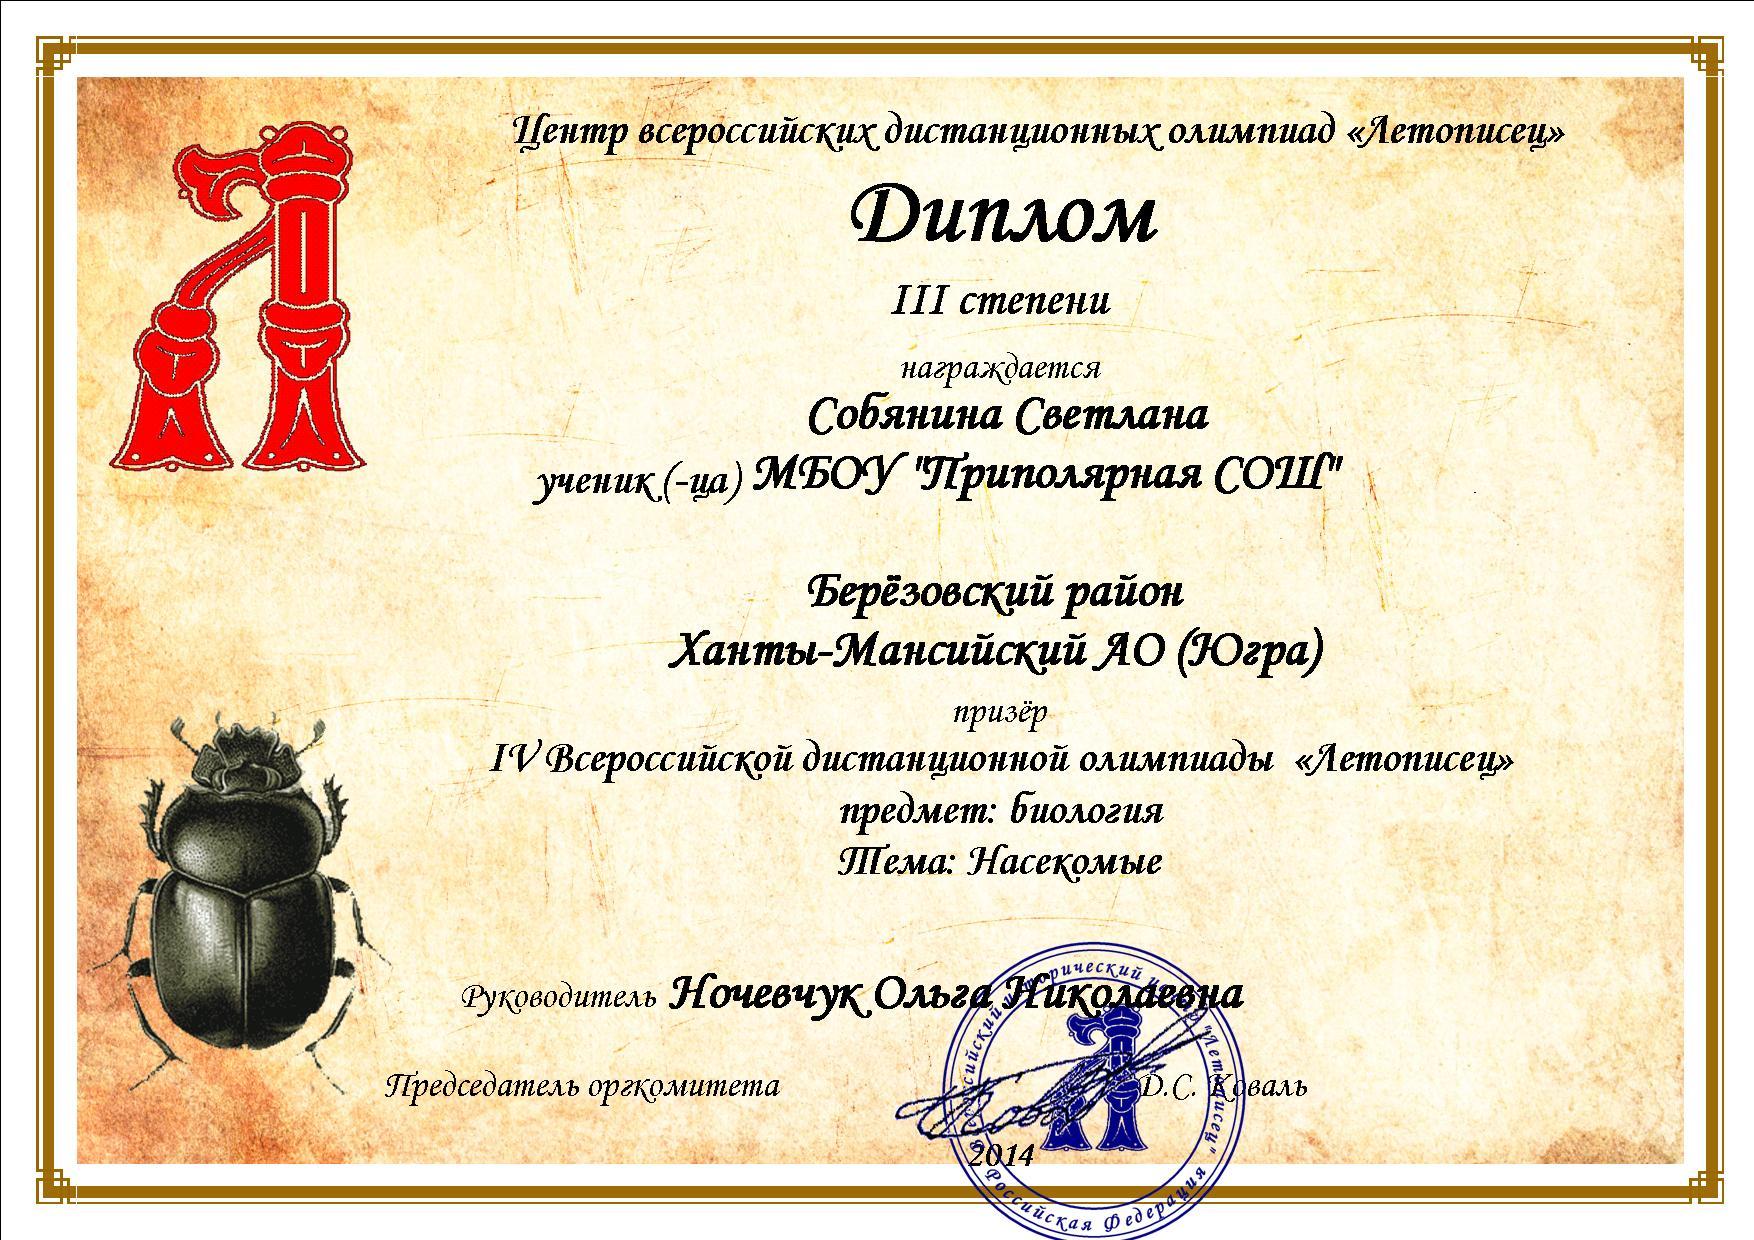 F:\документы ОНочевчук\4.2 победители\15 диплом 3 степени биология.jpg